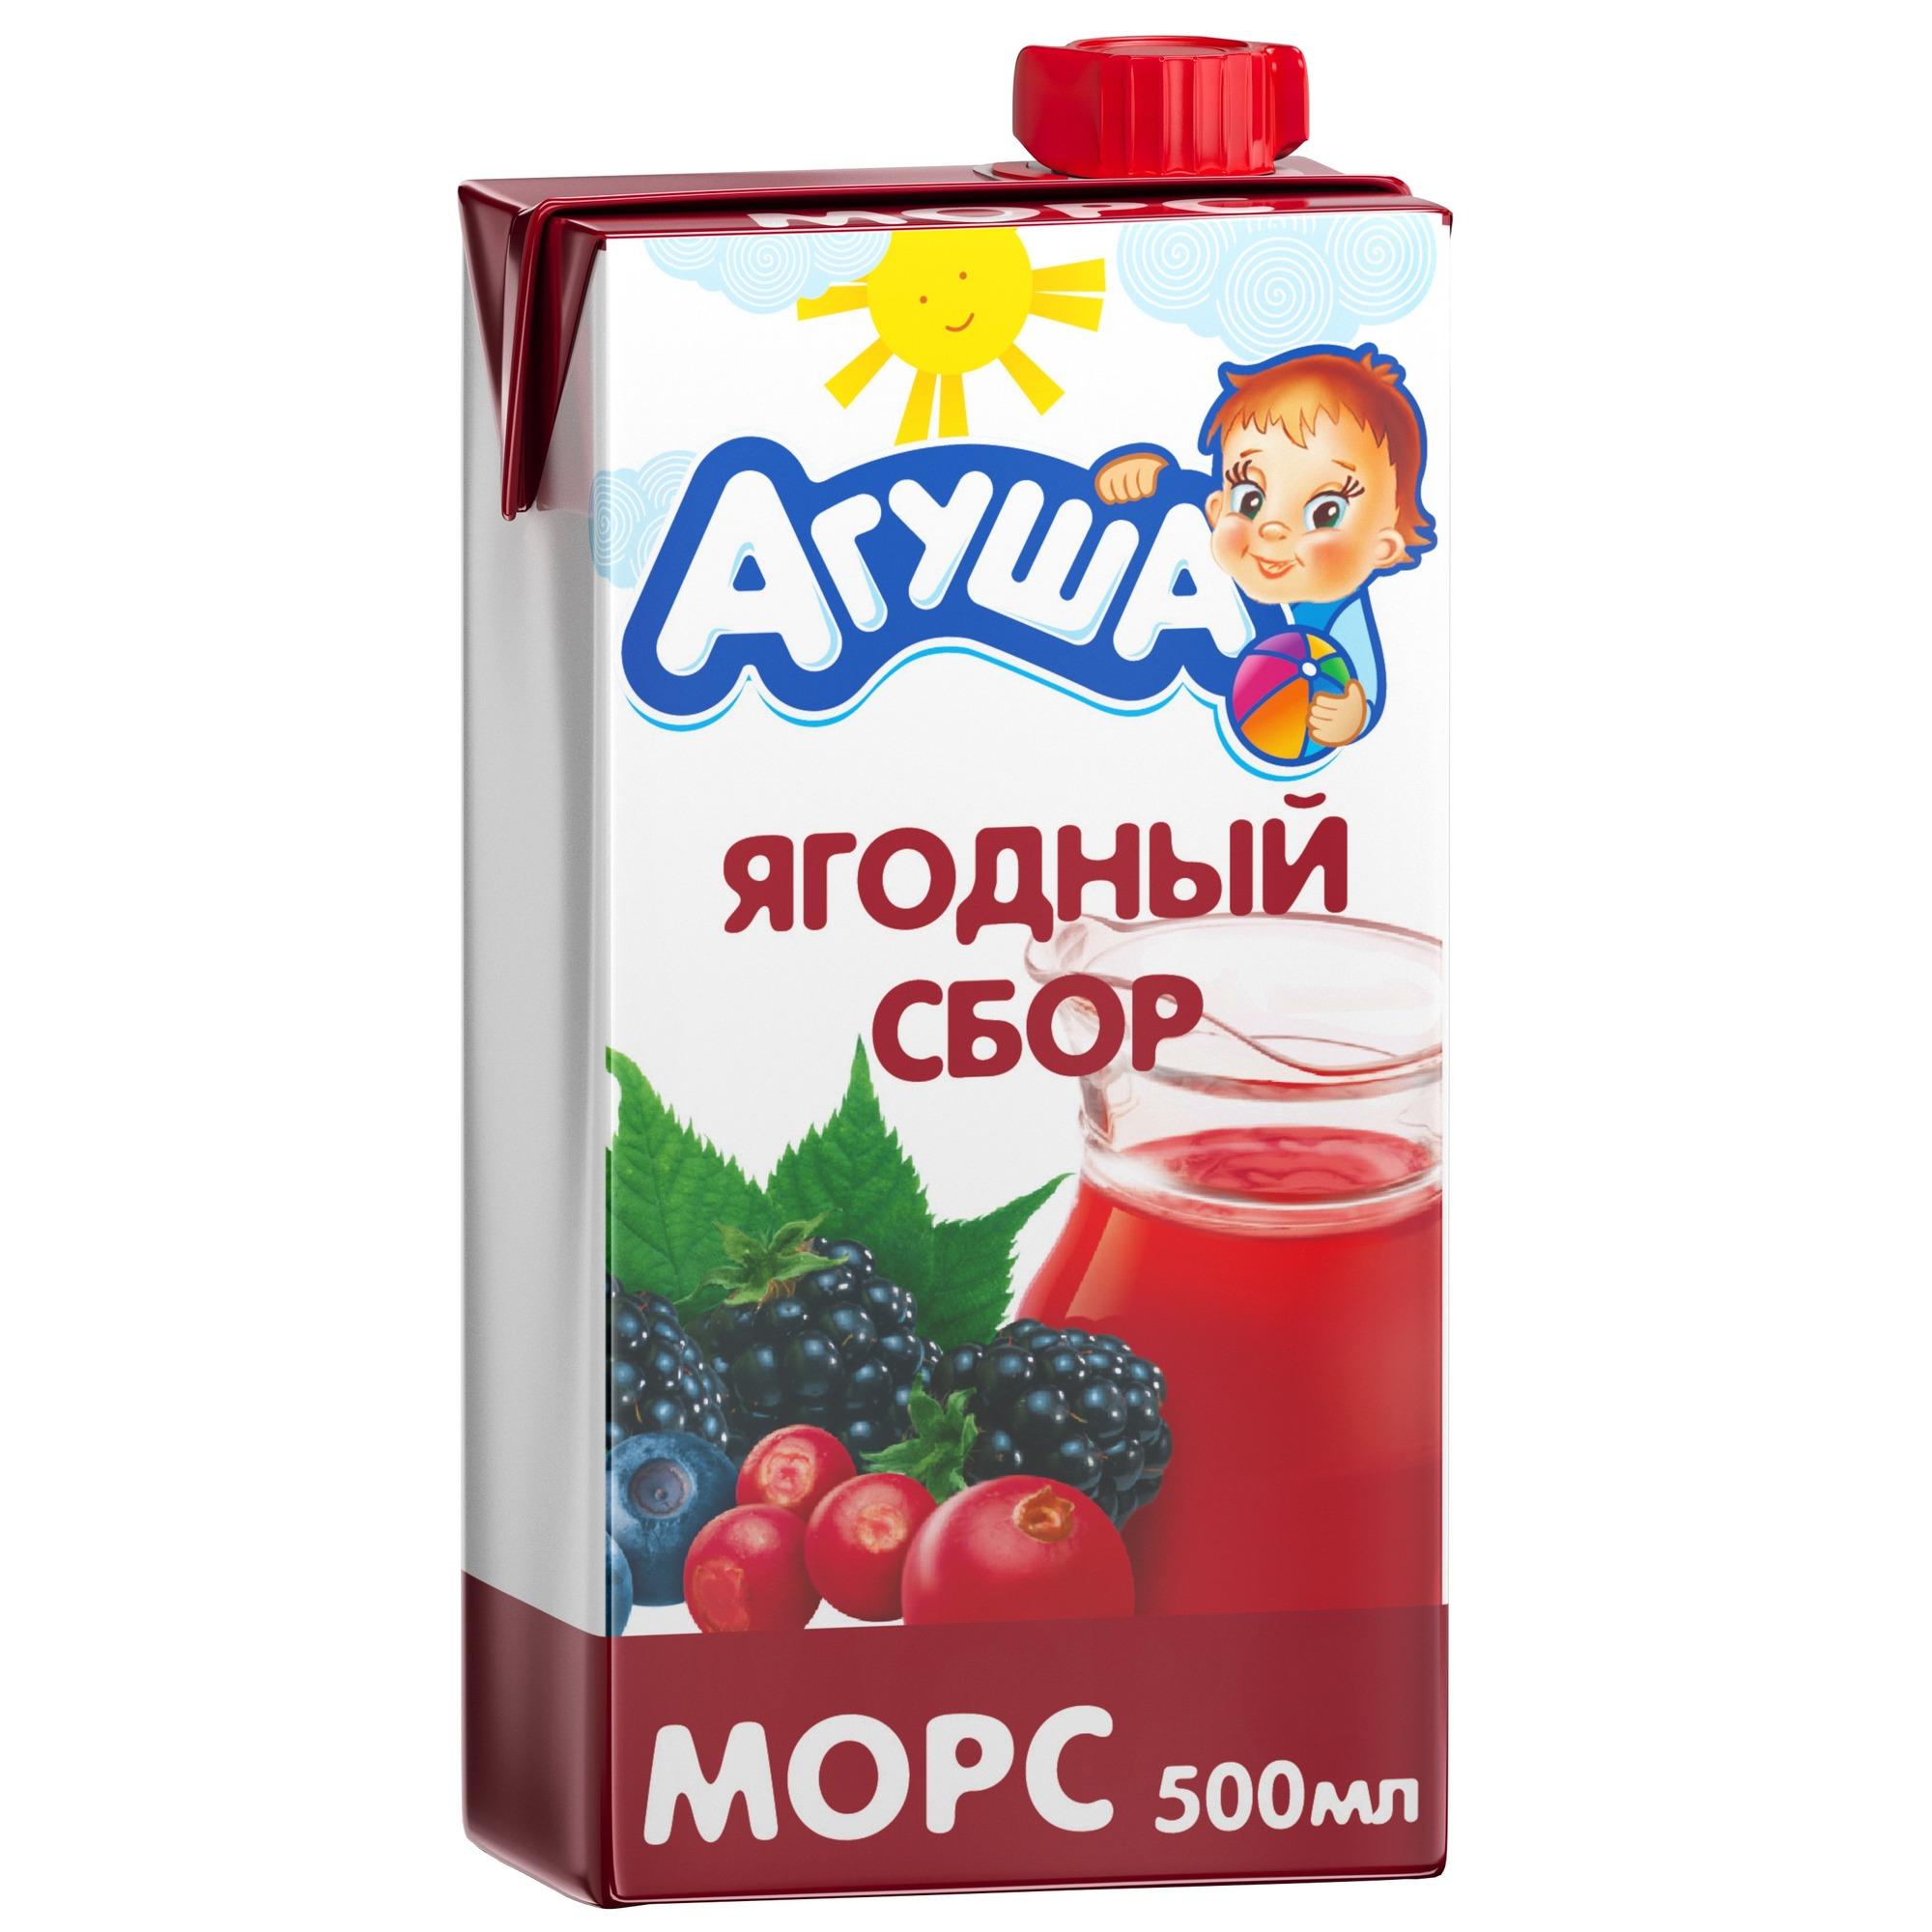 Морс Агуша Ягодный сбор с 3